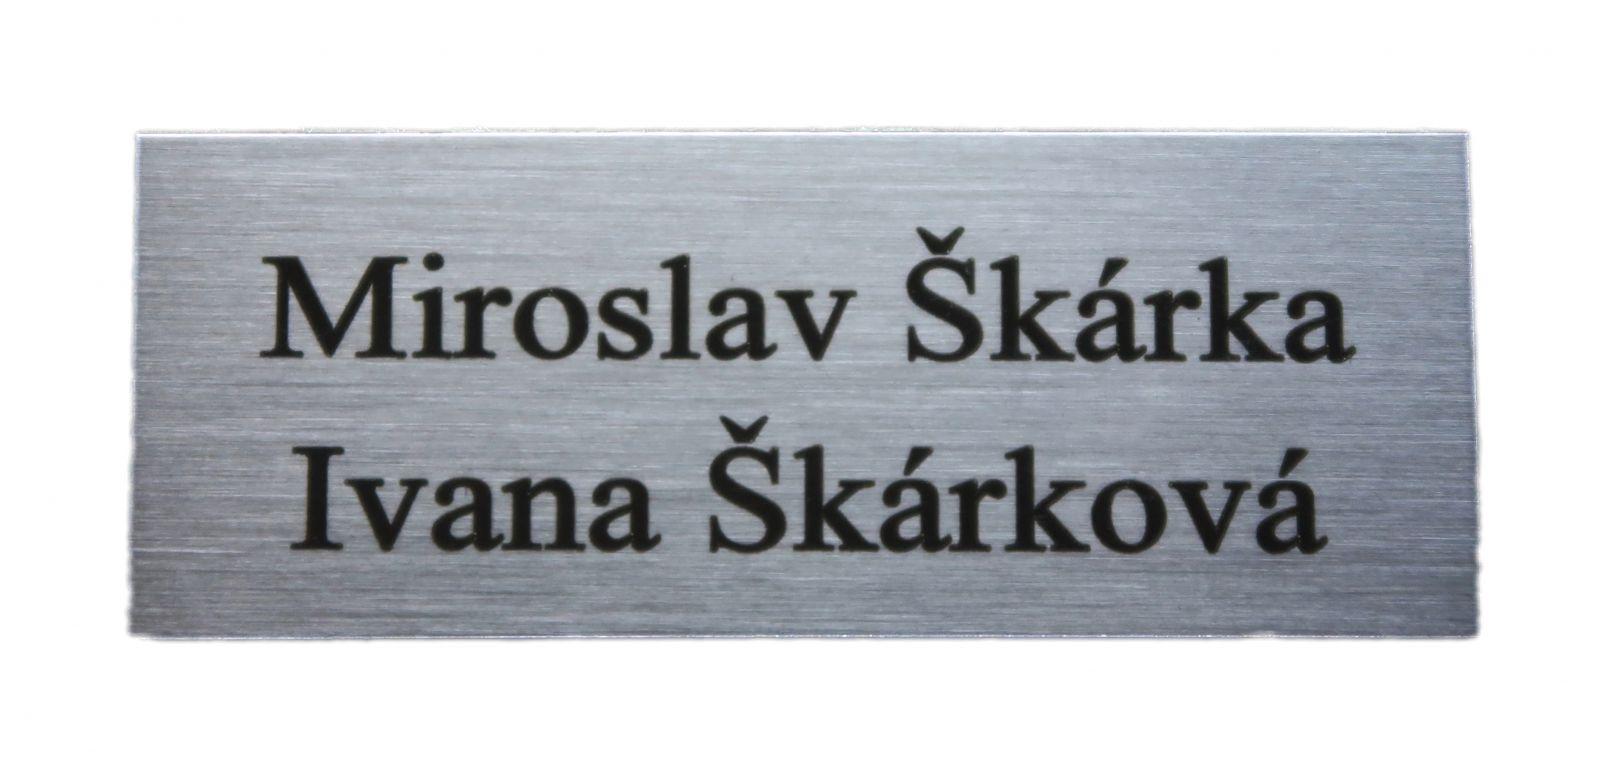 Mosazný stříbrný broušený dveřní štítek 80x30 mm